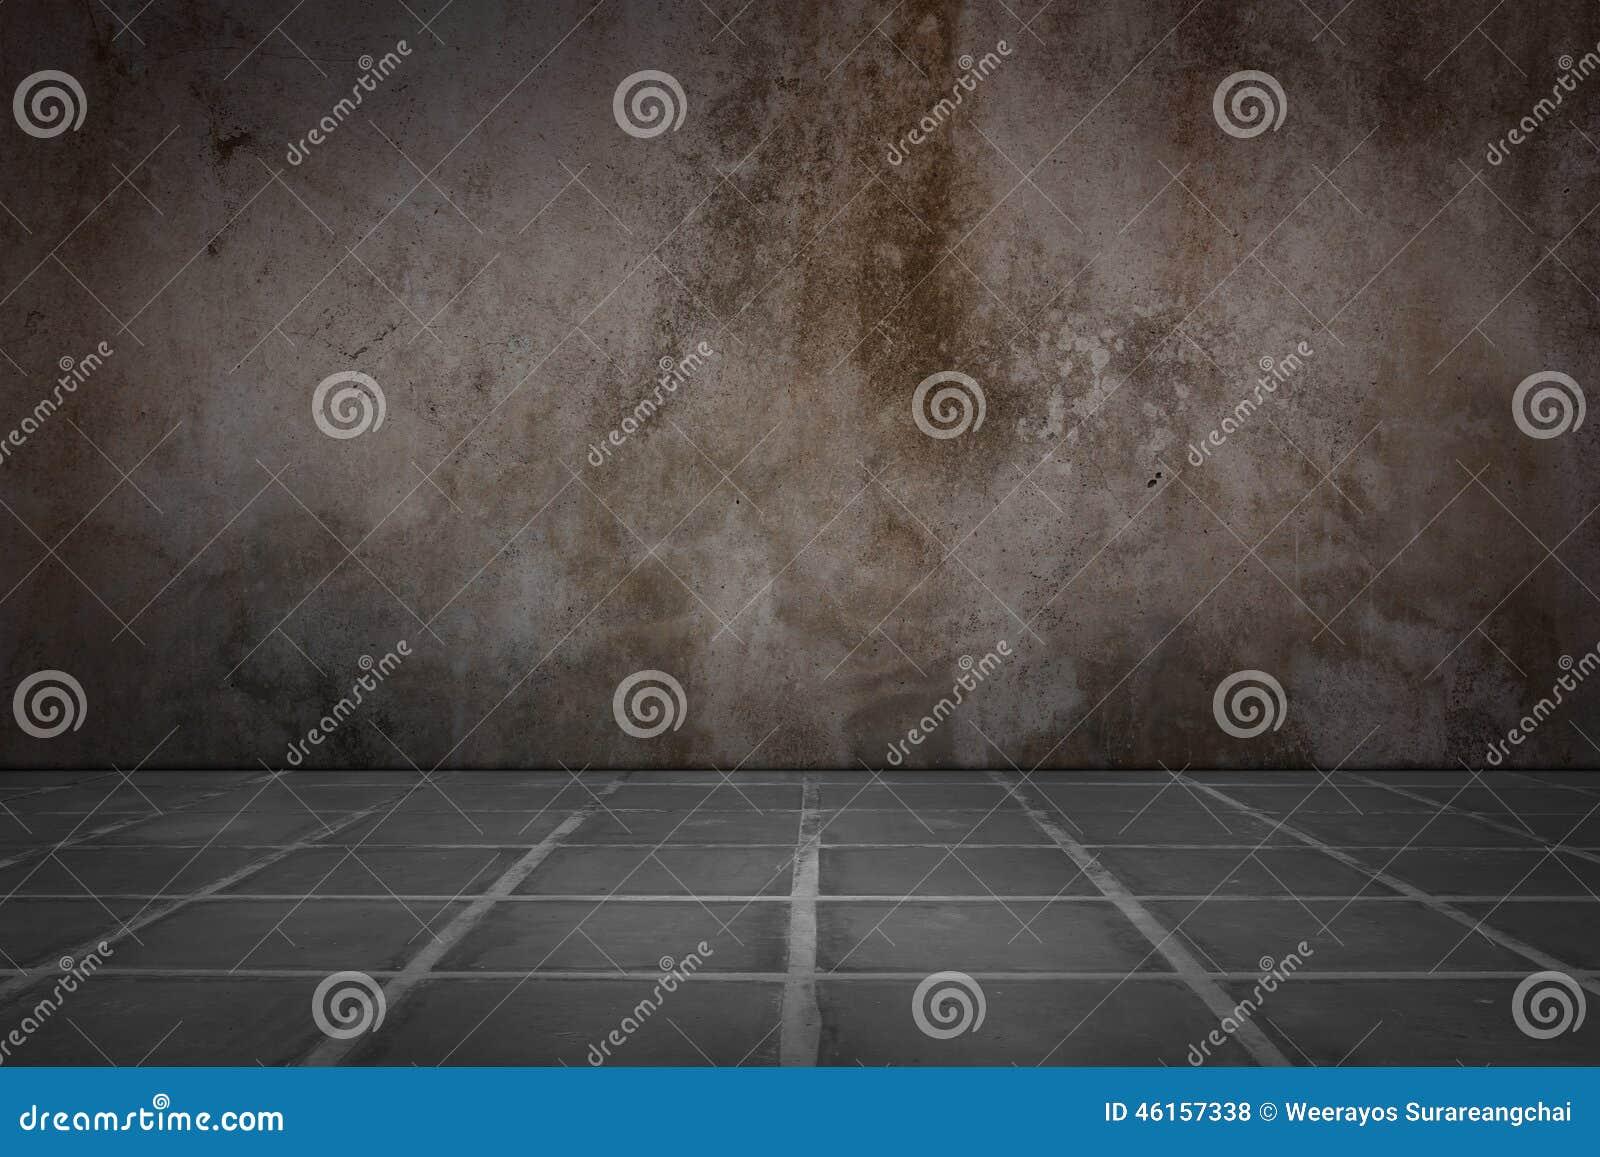 Trama classico muro di piastrelle per interni foto royalty free